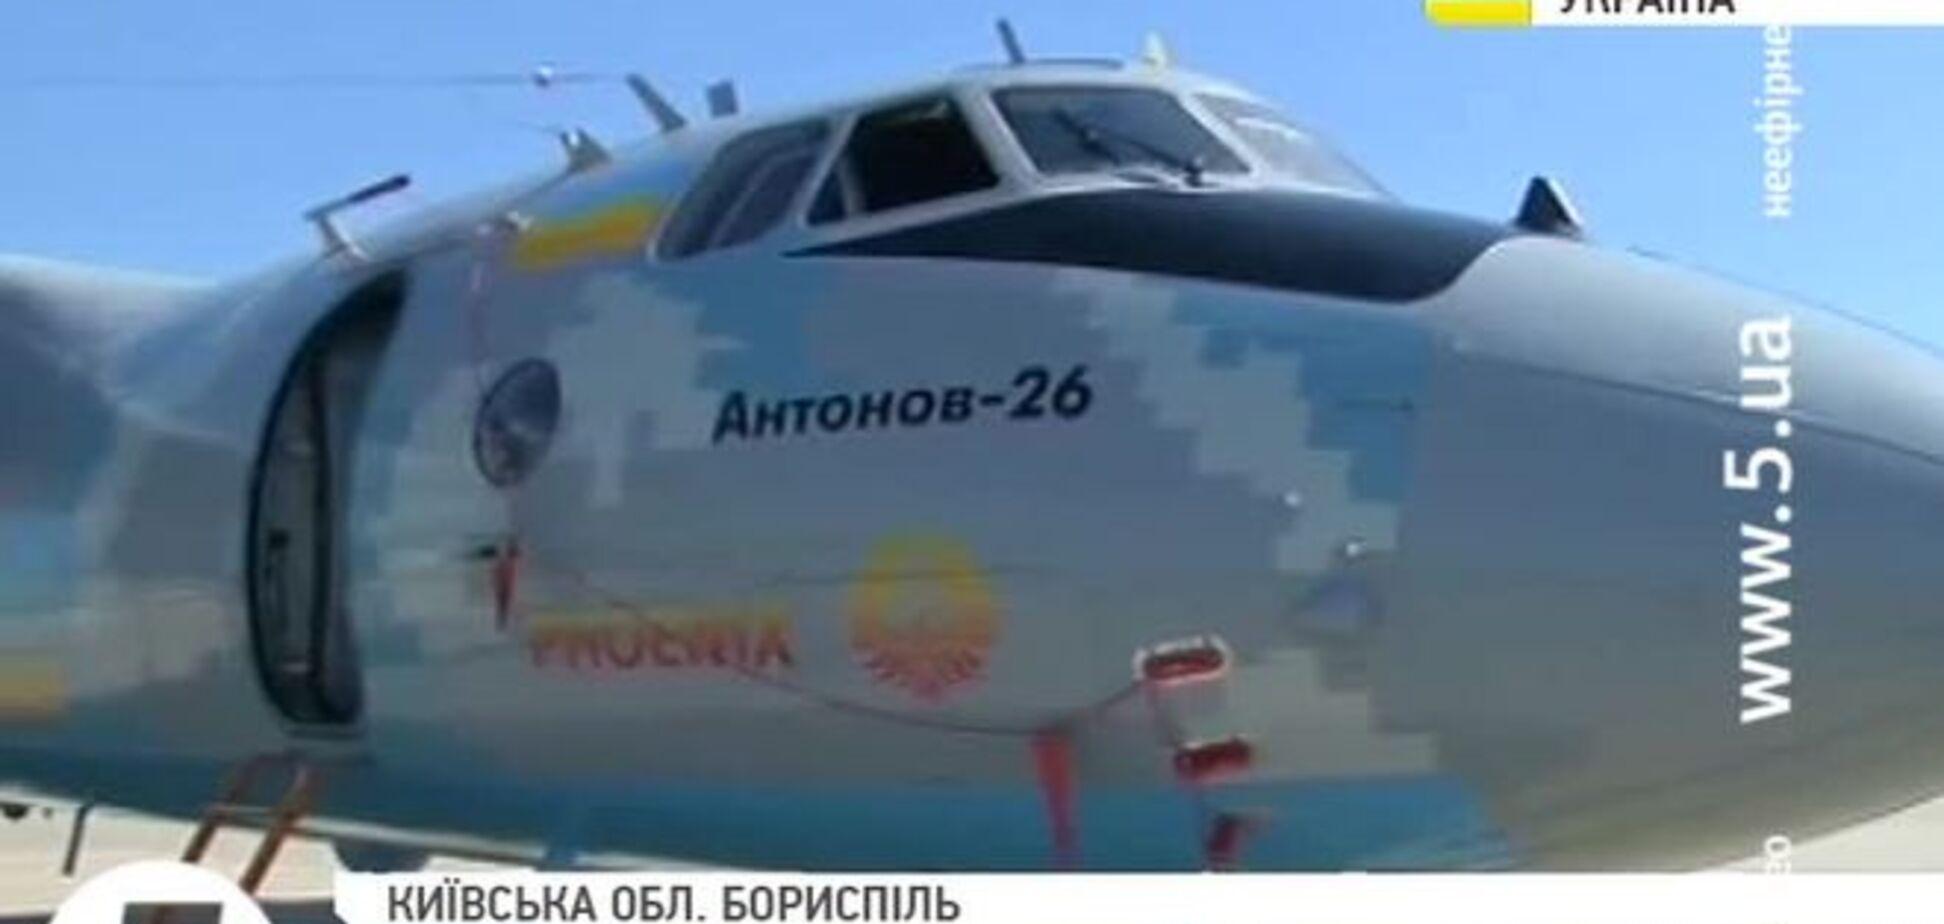 Волонтеры отремонтировали самолет 'Рятунчик' для АТО: видеофакт